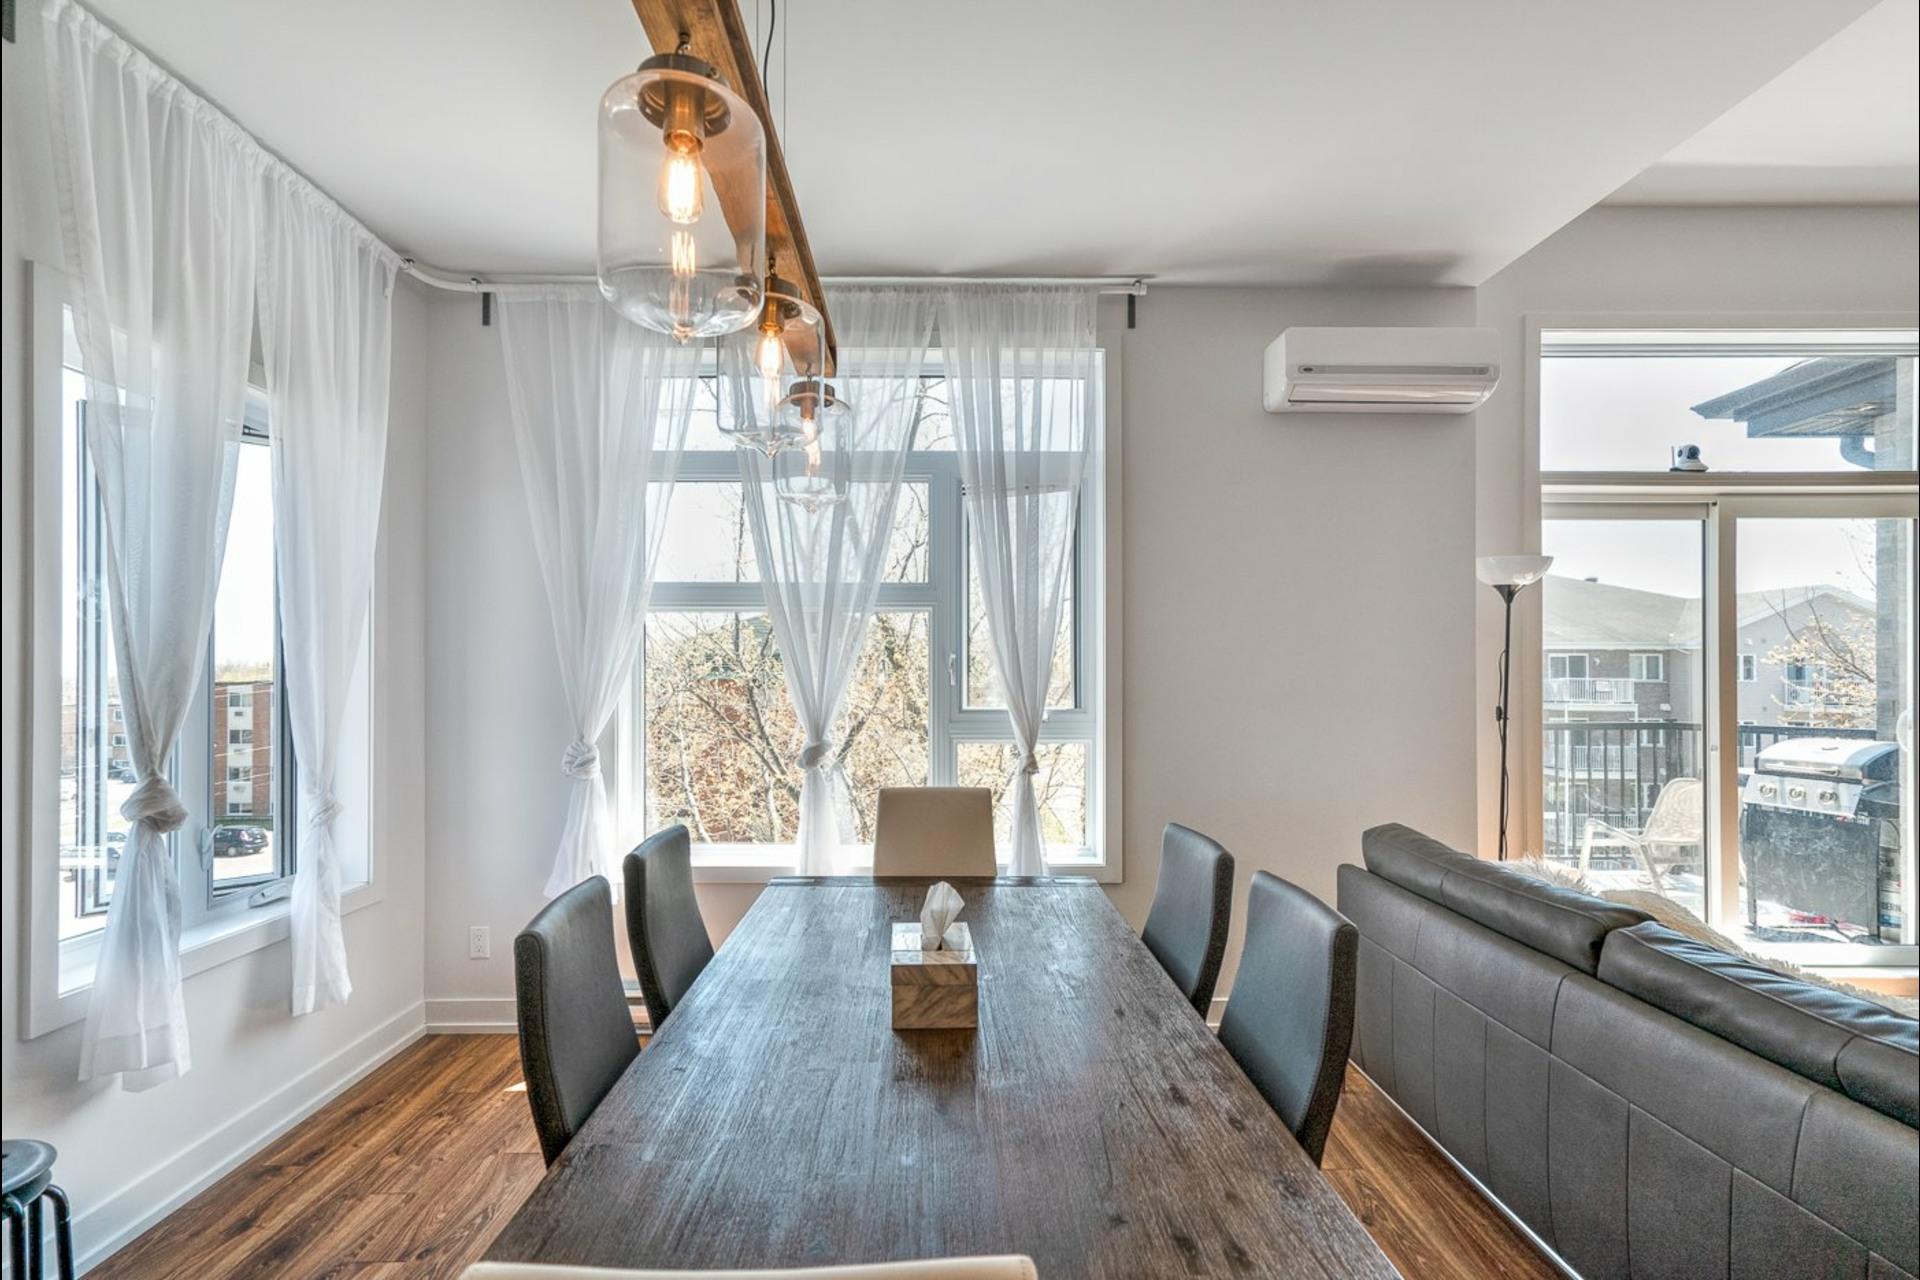 image 13 - Appartement À vendre Châteauguay - 7 pièces